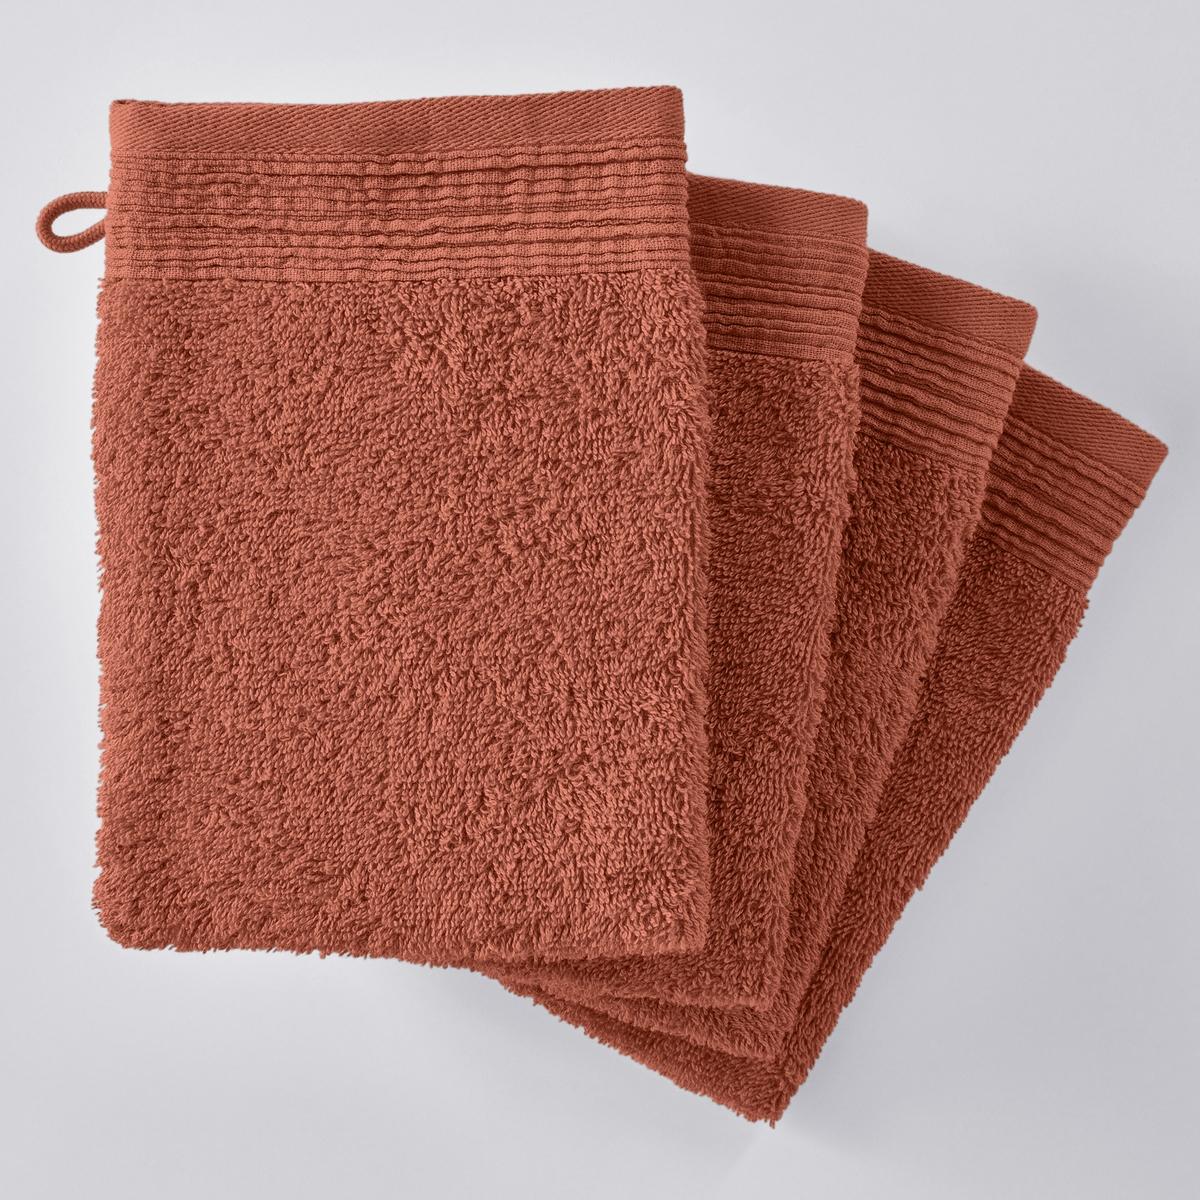 Банные рукавички однотонные махровые из био-хлопка (4 пары)